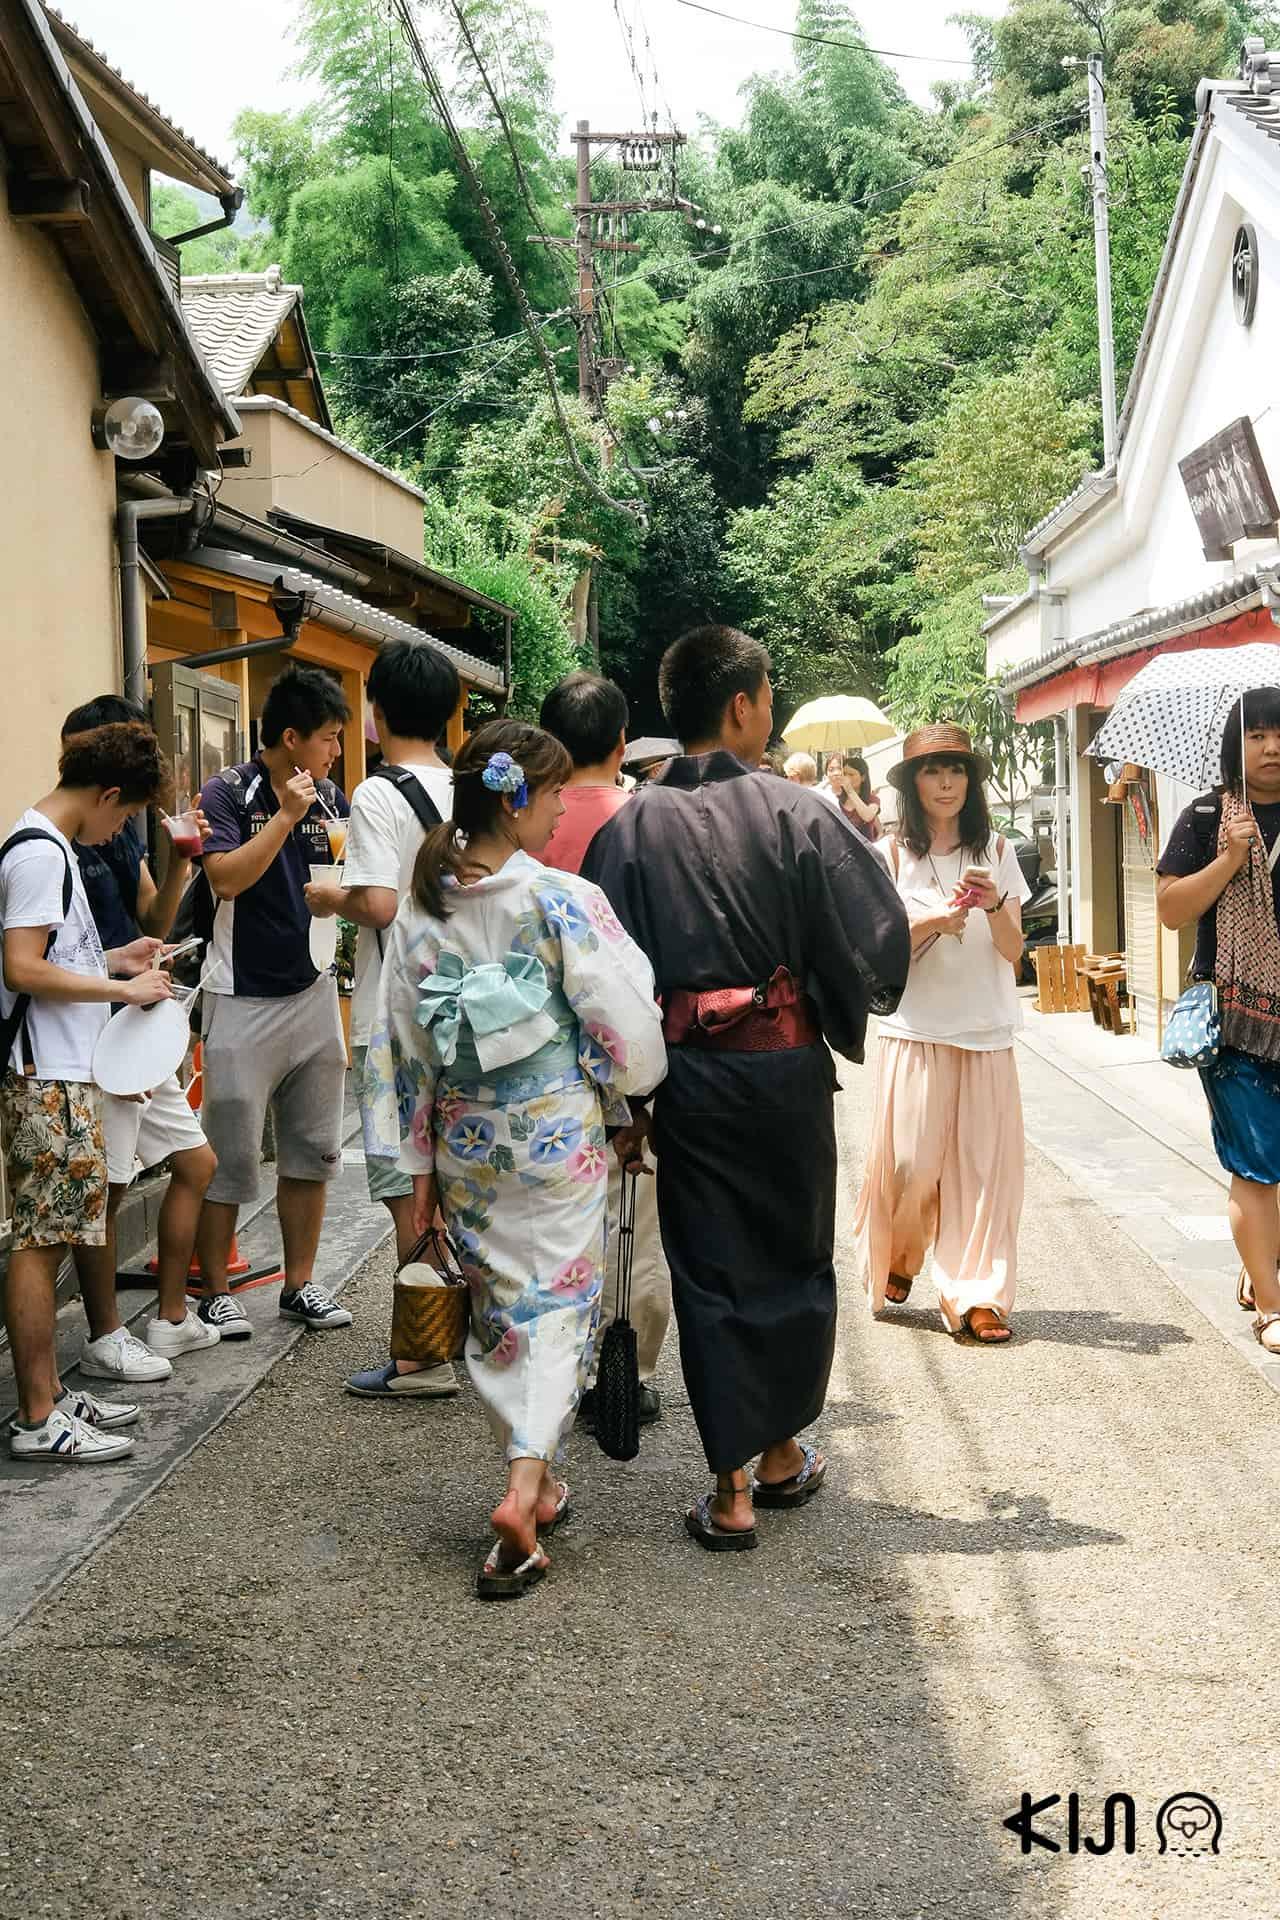 หนุ่มสาวใส่ชุดกิโมโน่เดินเที่ยวกัน